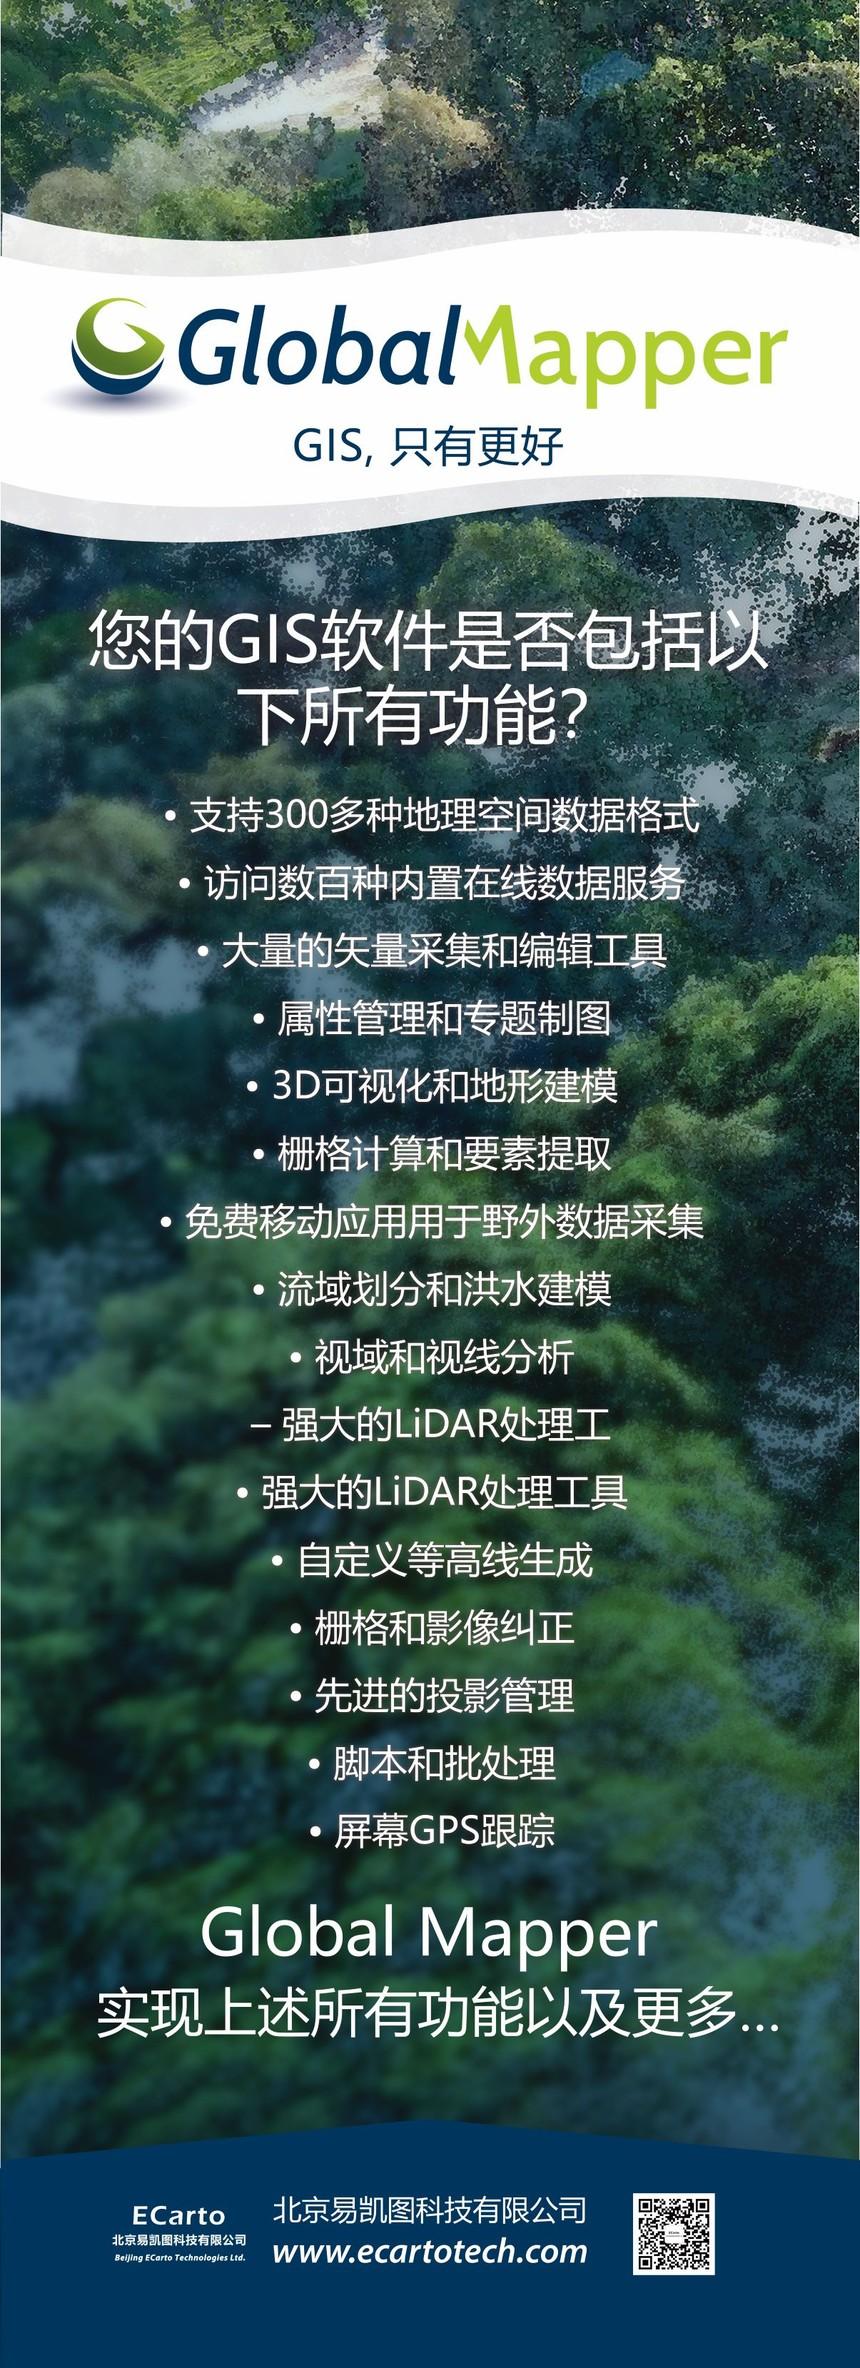 GlobalMapper_易拉宝-01(尺寸稍大)--.jpg